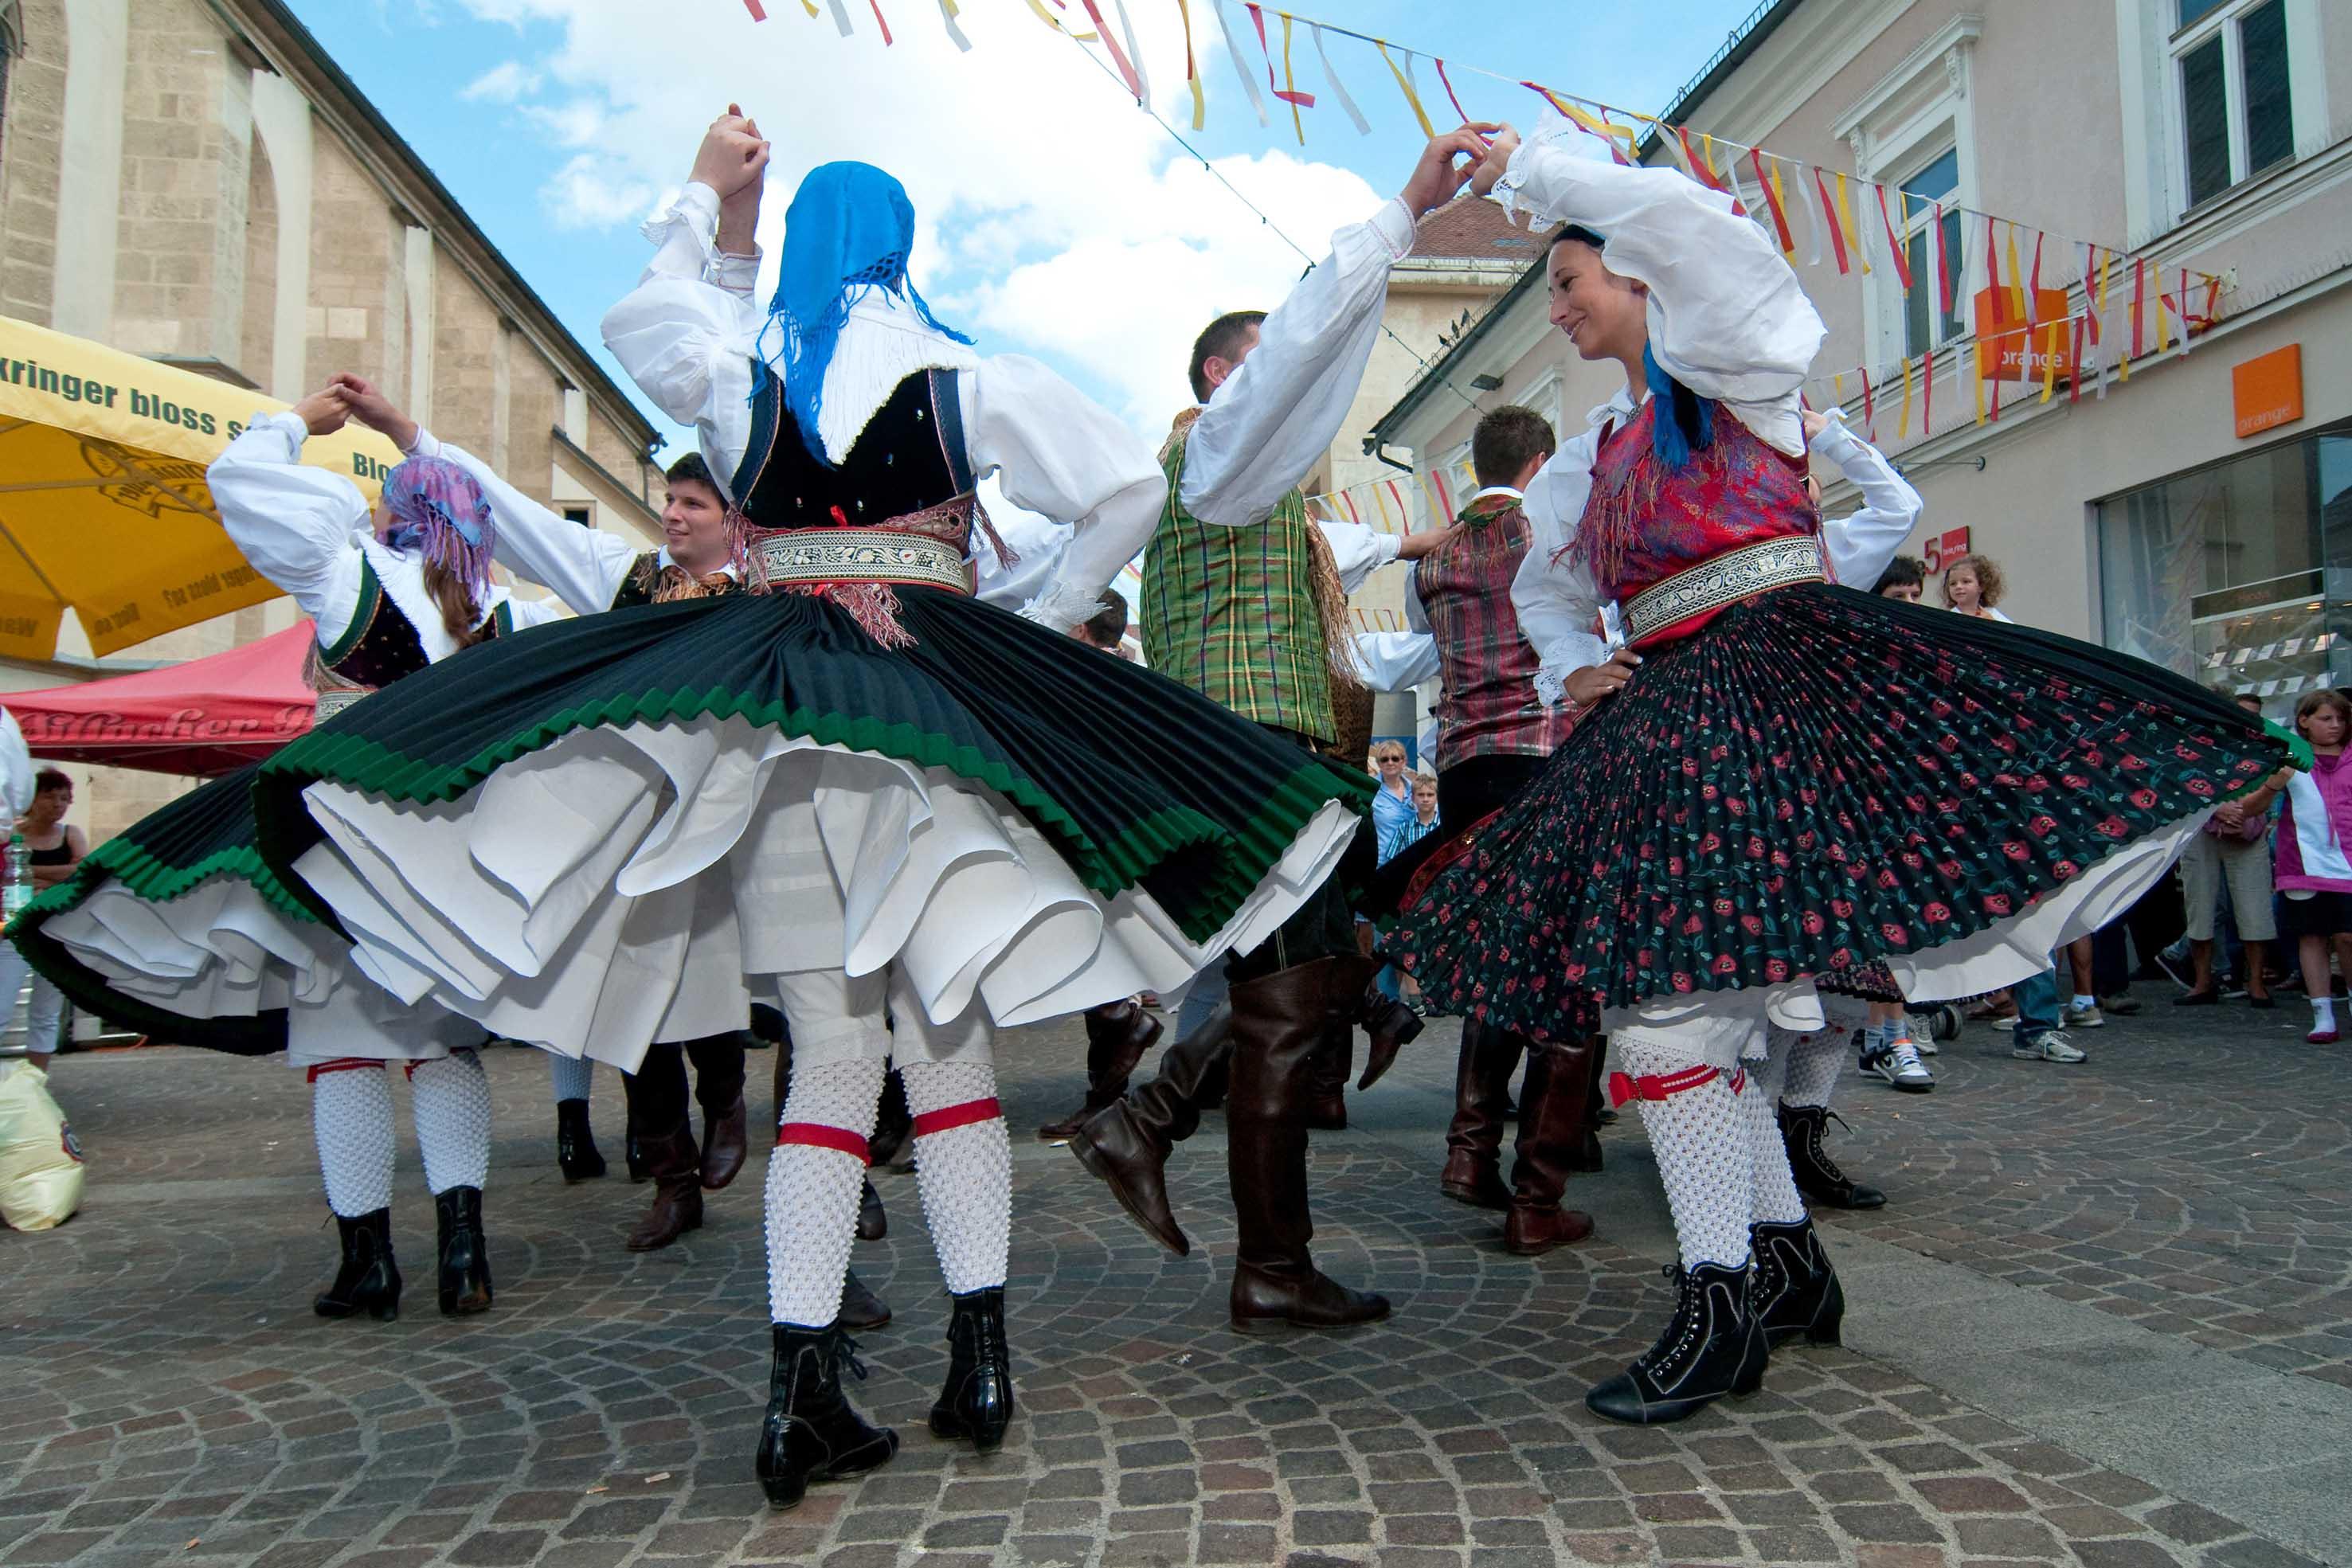 Villacher Kirchtag, dal 29 luglio al 5 agosto 2018 tutti a Villach